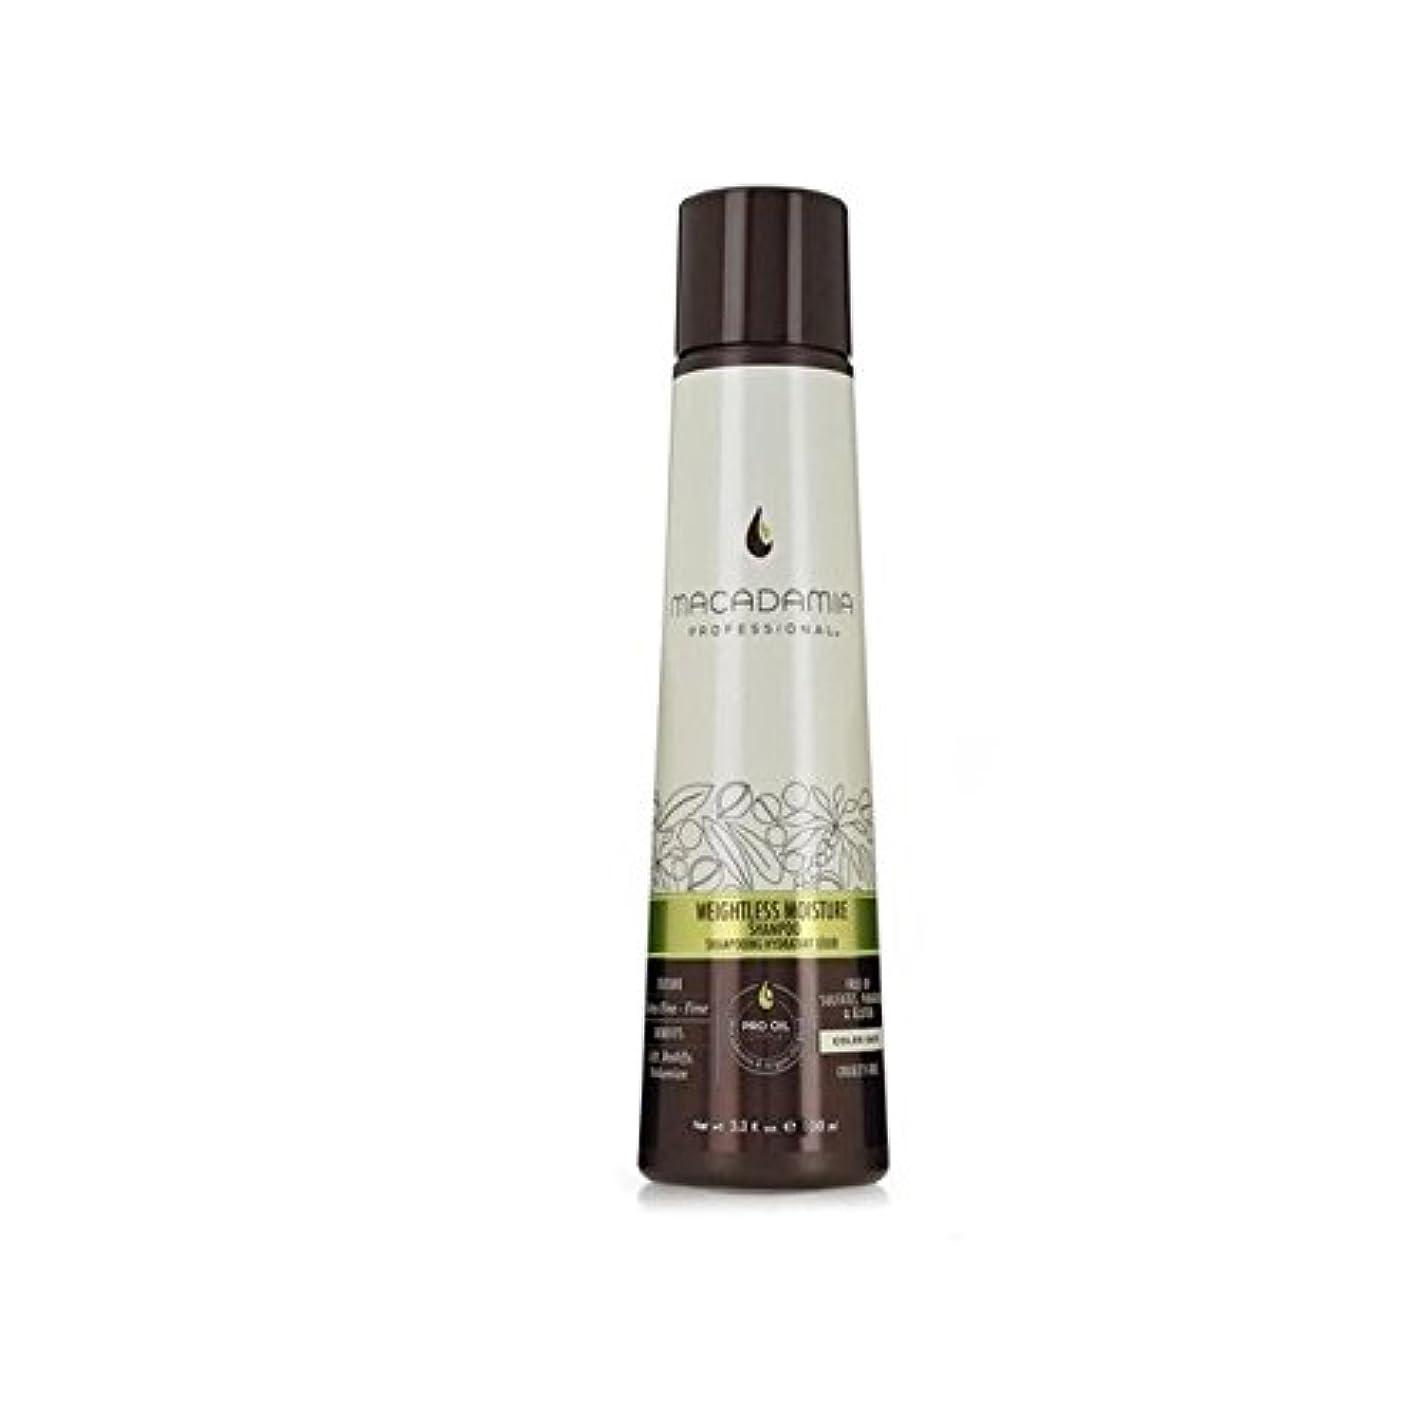 記念碑的な振動する新聞Macadamia Weightless Moisture Shampoo (100ml) - マカダミア無重力水分シャンプー(100ミリリットル) [並行輸入品]